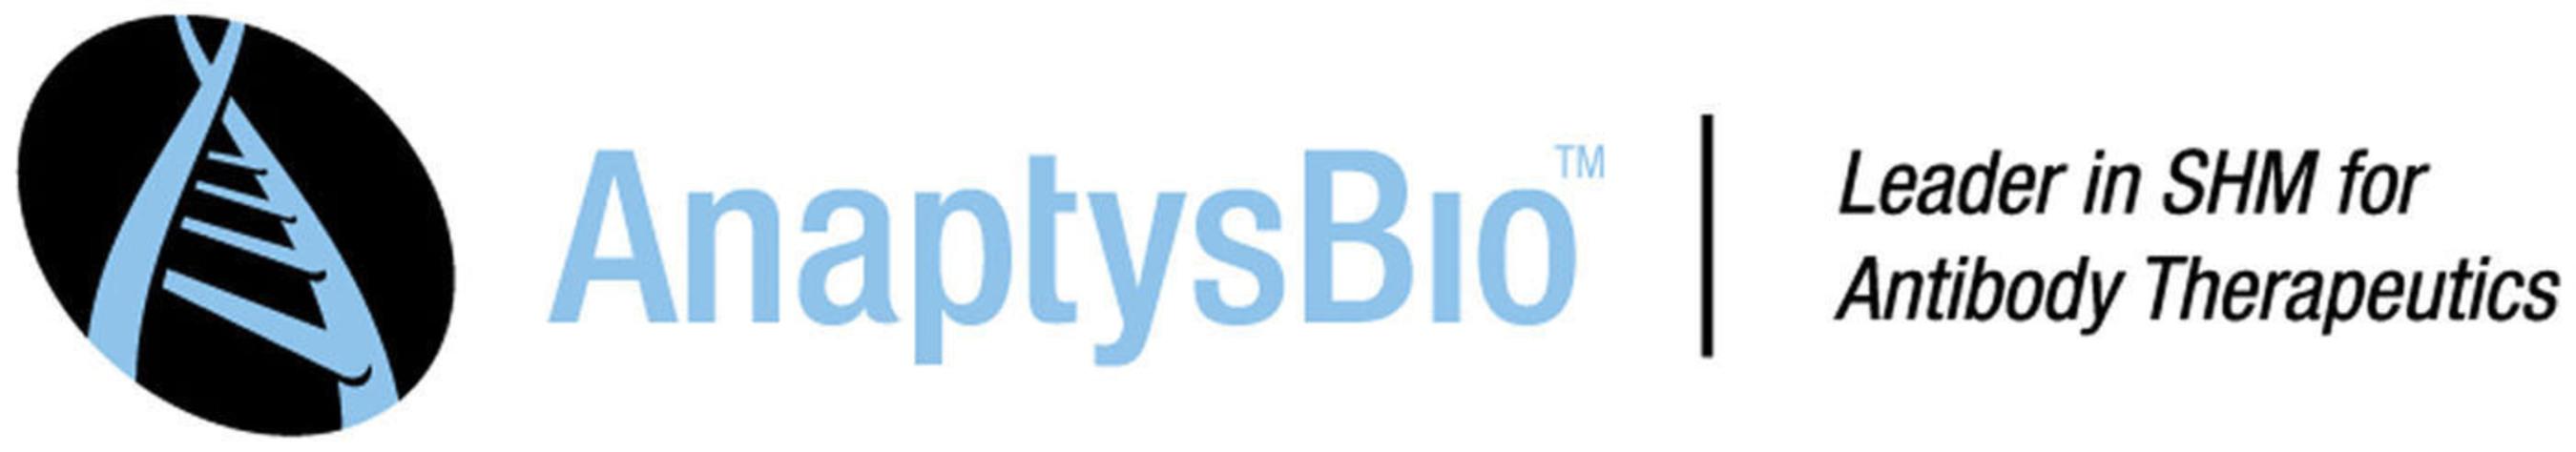 AnaptysBio Leader in SHM for Antibody Therapeutics  www.anaptysbio.com . (PRNewsFoto/AnaptysBio, Inc.)